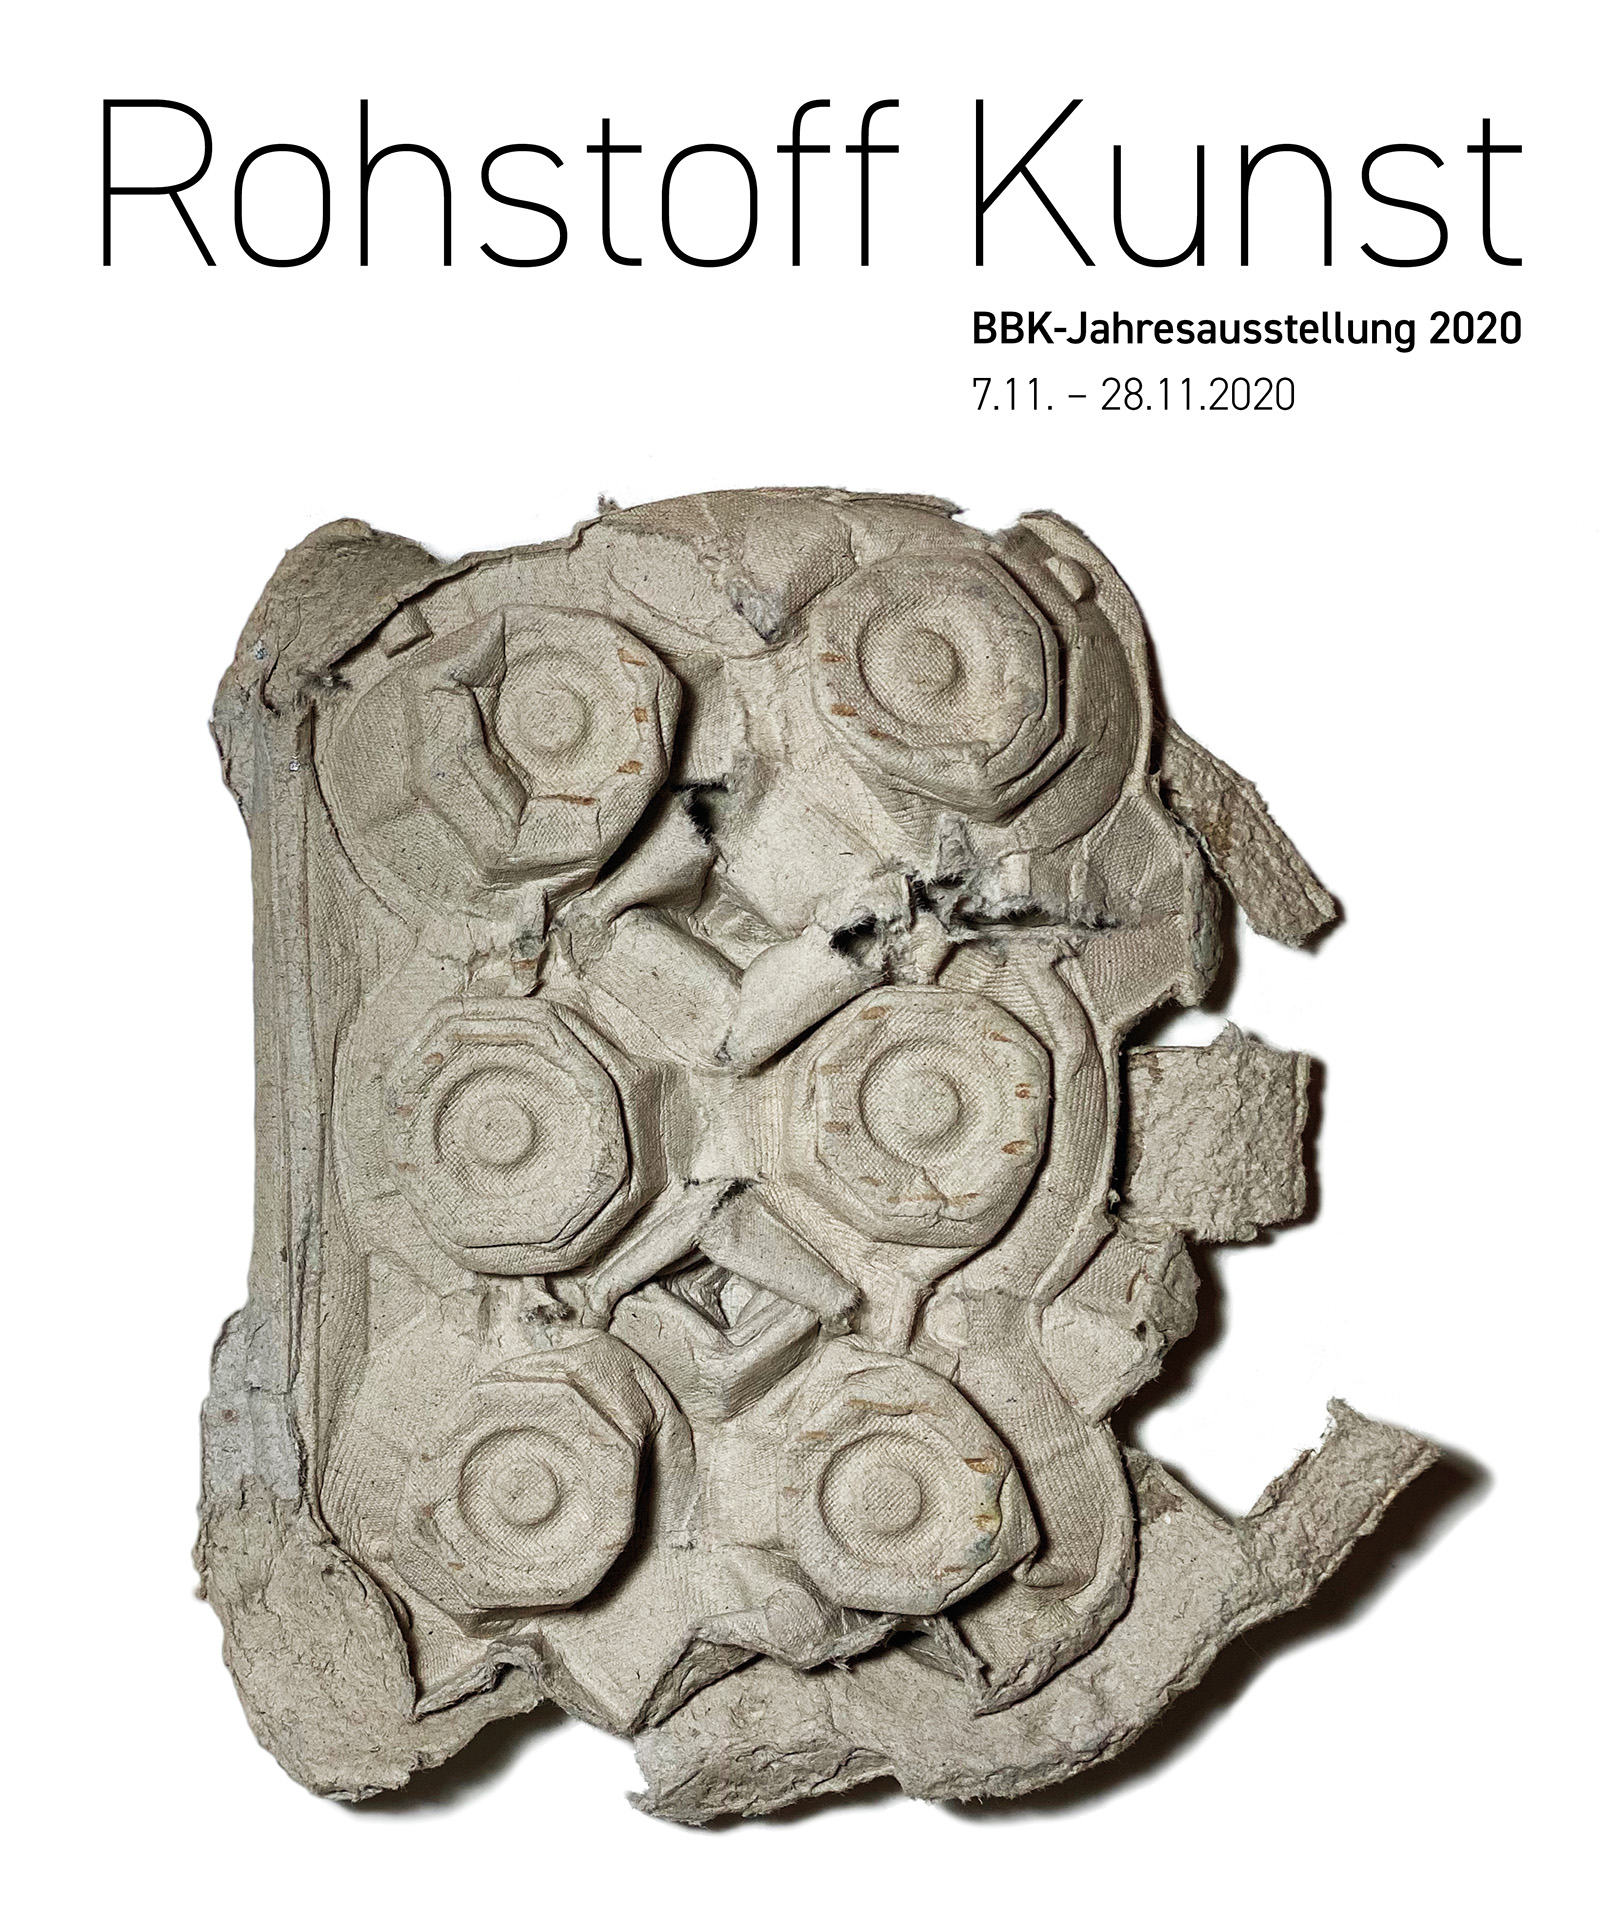 BBK Jahresausstellung 2020 – Rohstoff Kunst